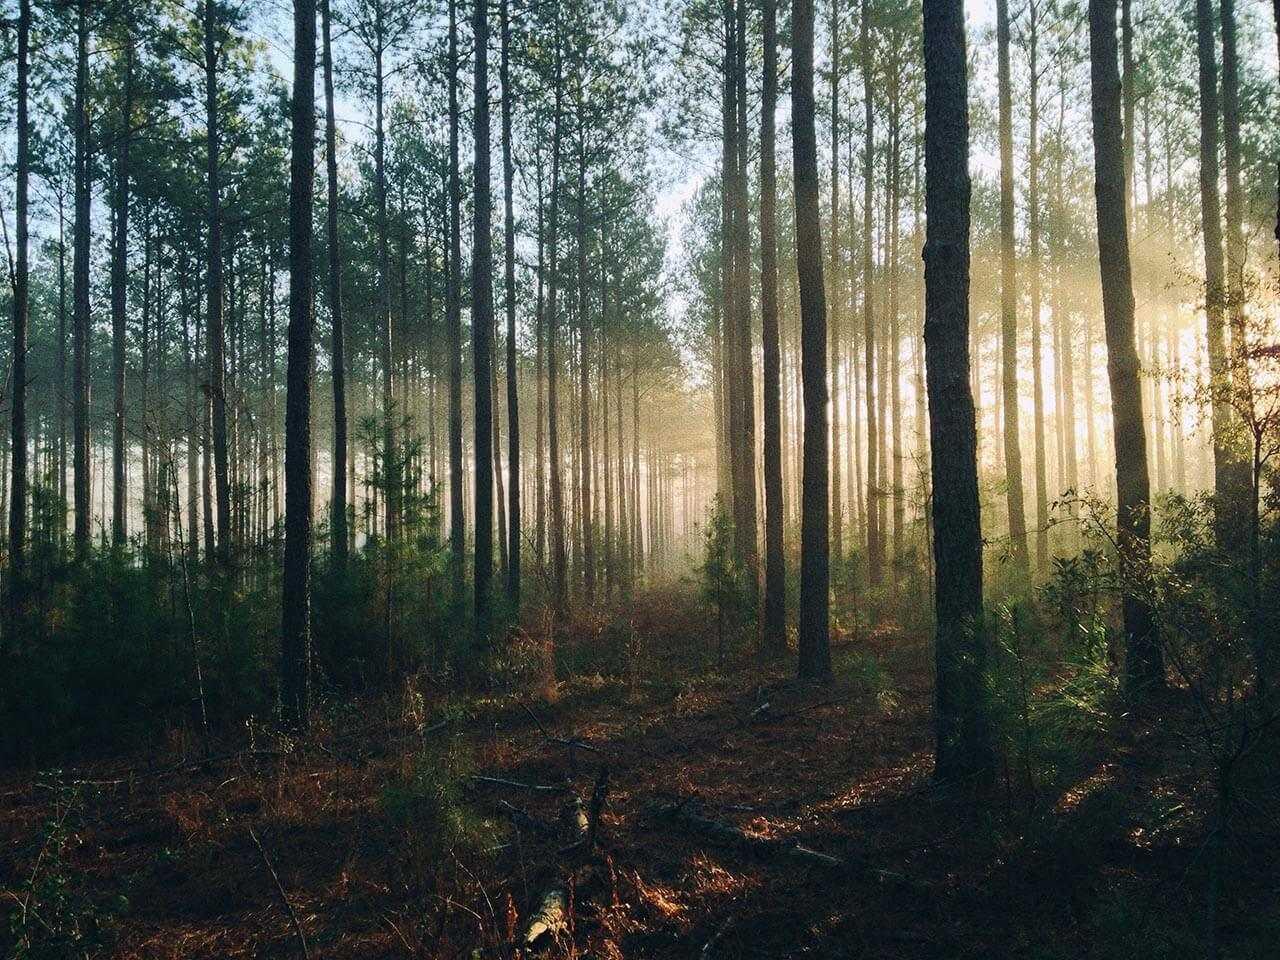 wysypisko w lesie